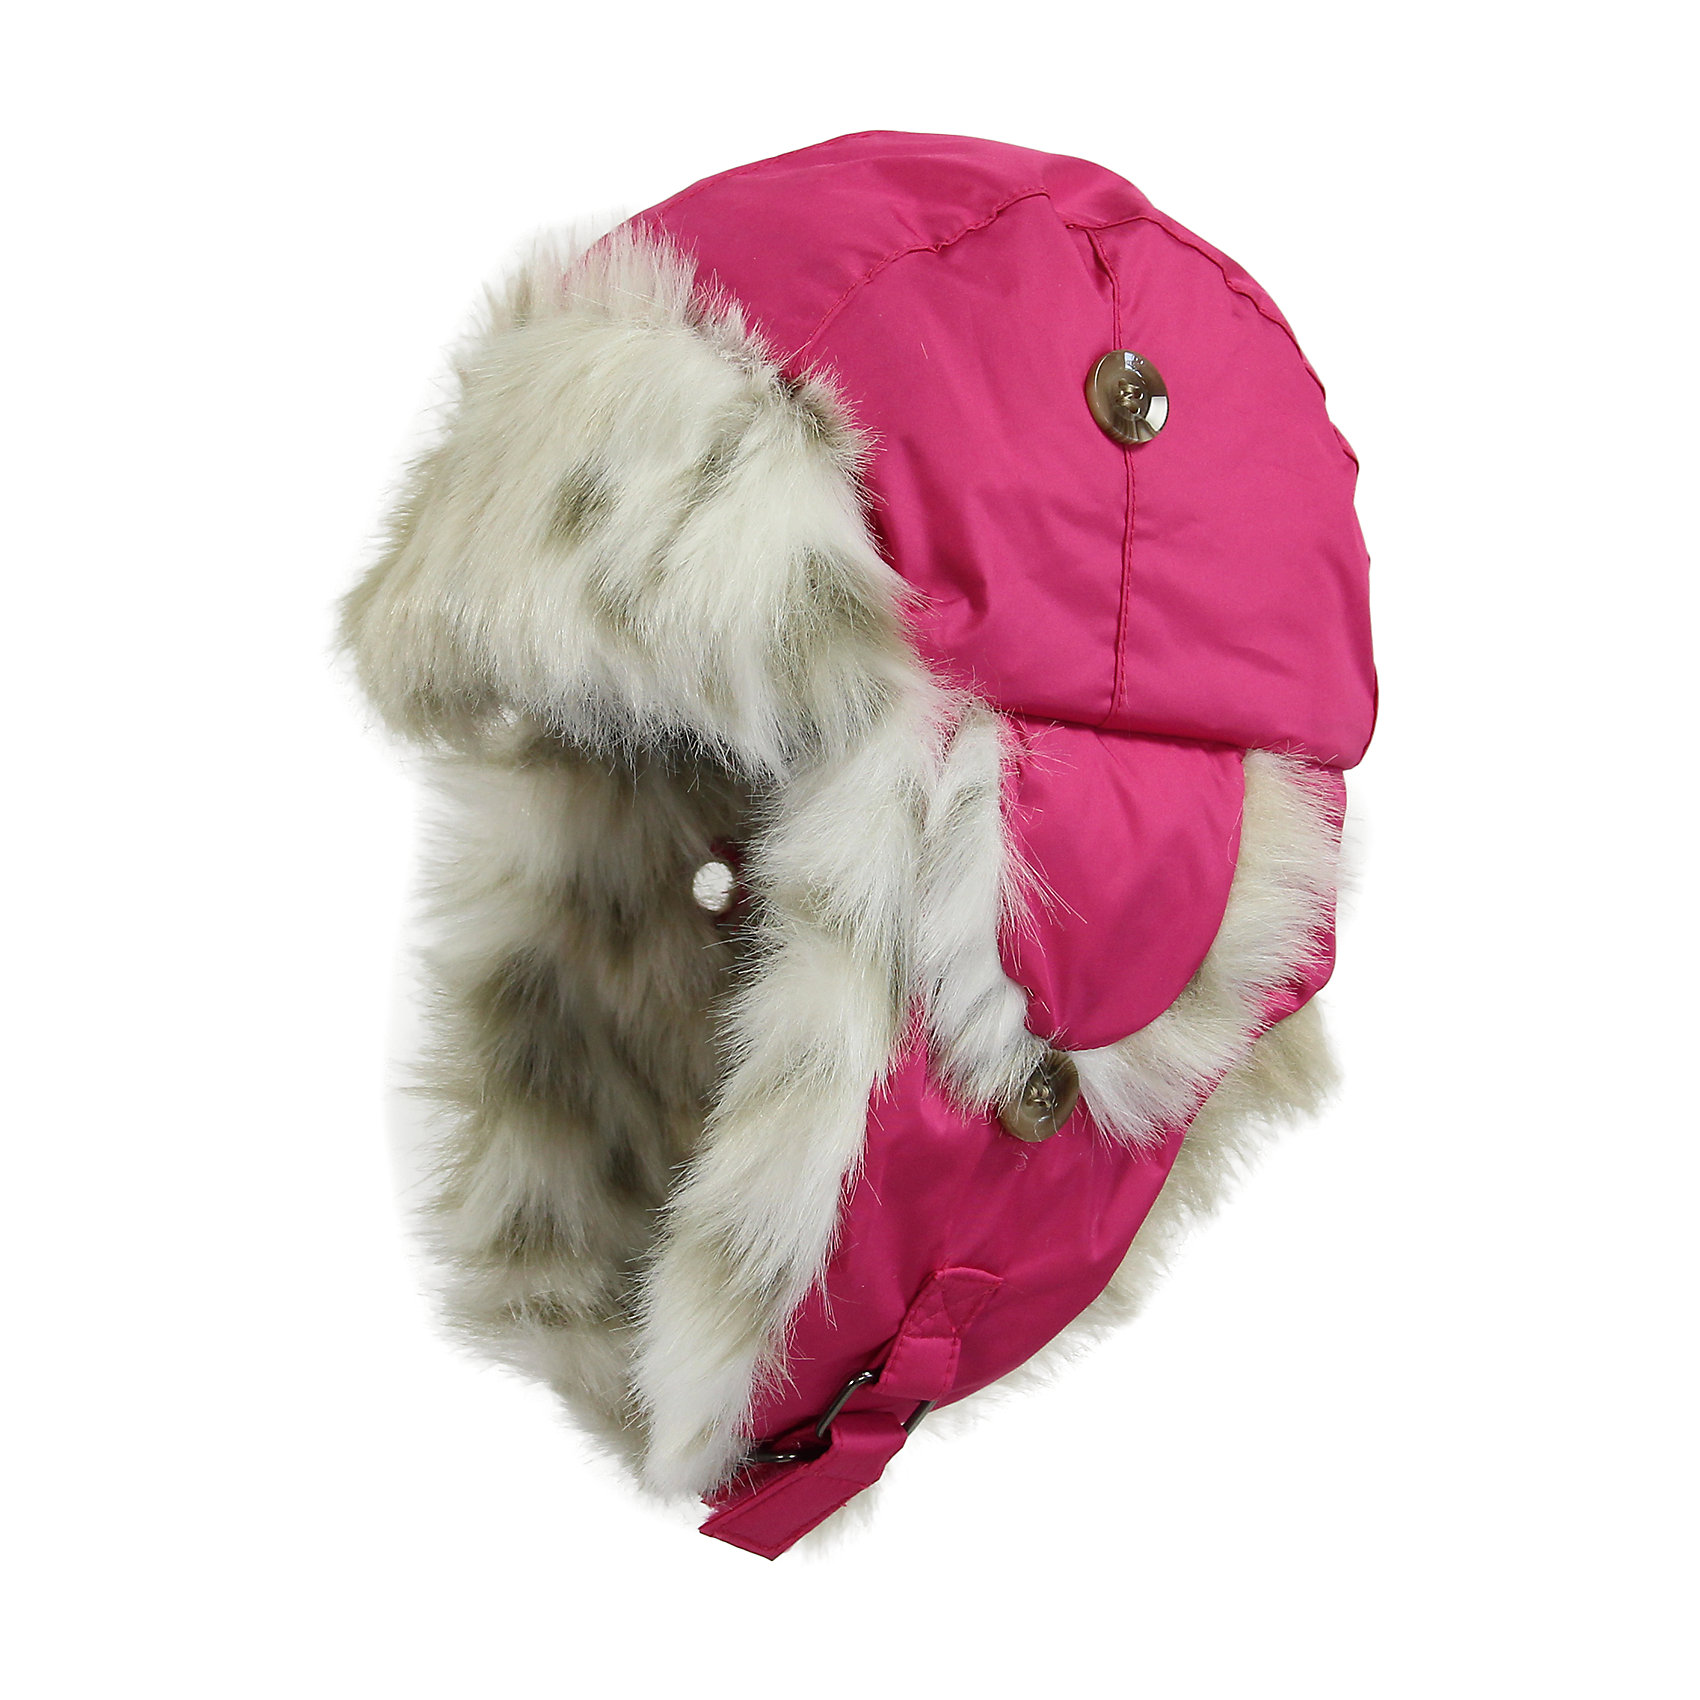 Шапка для девочки HuppaЗимняя шапка ярких цветов с легким ватином для малышей. У шапки подкладка из искусственного меха (80% акрила, 20% полиэстера) и дышащая - водоотталкивающая мягкая ткань из полиэстера. Для удобства ношения у шапки регулируемая верхняя часть и закрепляющиеся липучкой под подбородком клапаны. Клапаны шапки можно закрепить на макушке, приспосабливая для себя. <br><br>Шапку для девочки Huppa (Хуппа) можно купить в нашем магазине.<br><br>Ширина мм: 89<br>Глубина мм: 117<br>Высота мм: 44<br>Вес г: 155<br>Цвет: розовый<br>Возраст от месяцев: 9<br>Возраст до месяцев: 12<br>Пол: Женский<br>Возраст: Детский<br>Размер: 43-45,47-49,39-43,51-53<br>SKU: 4243125